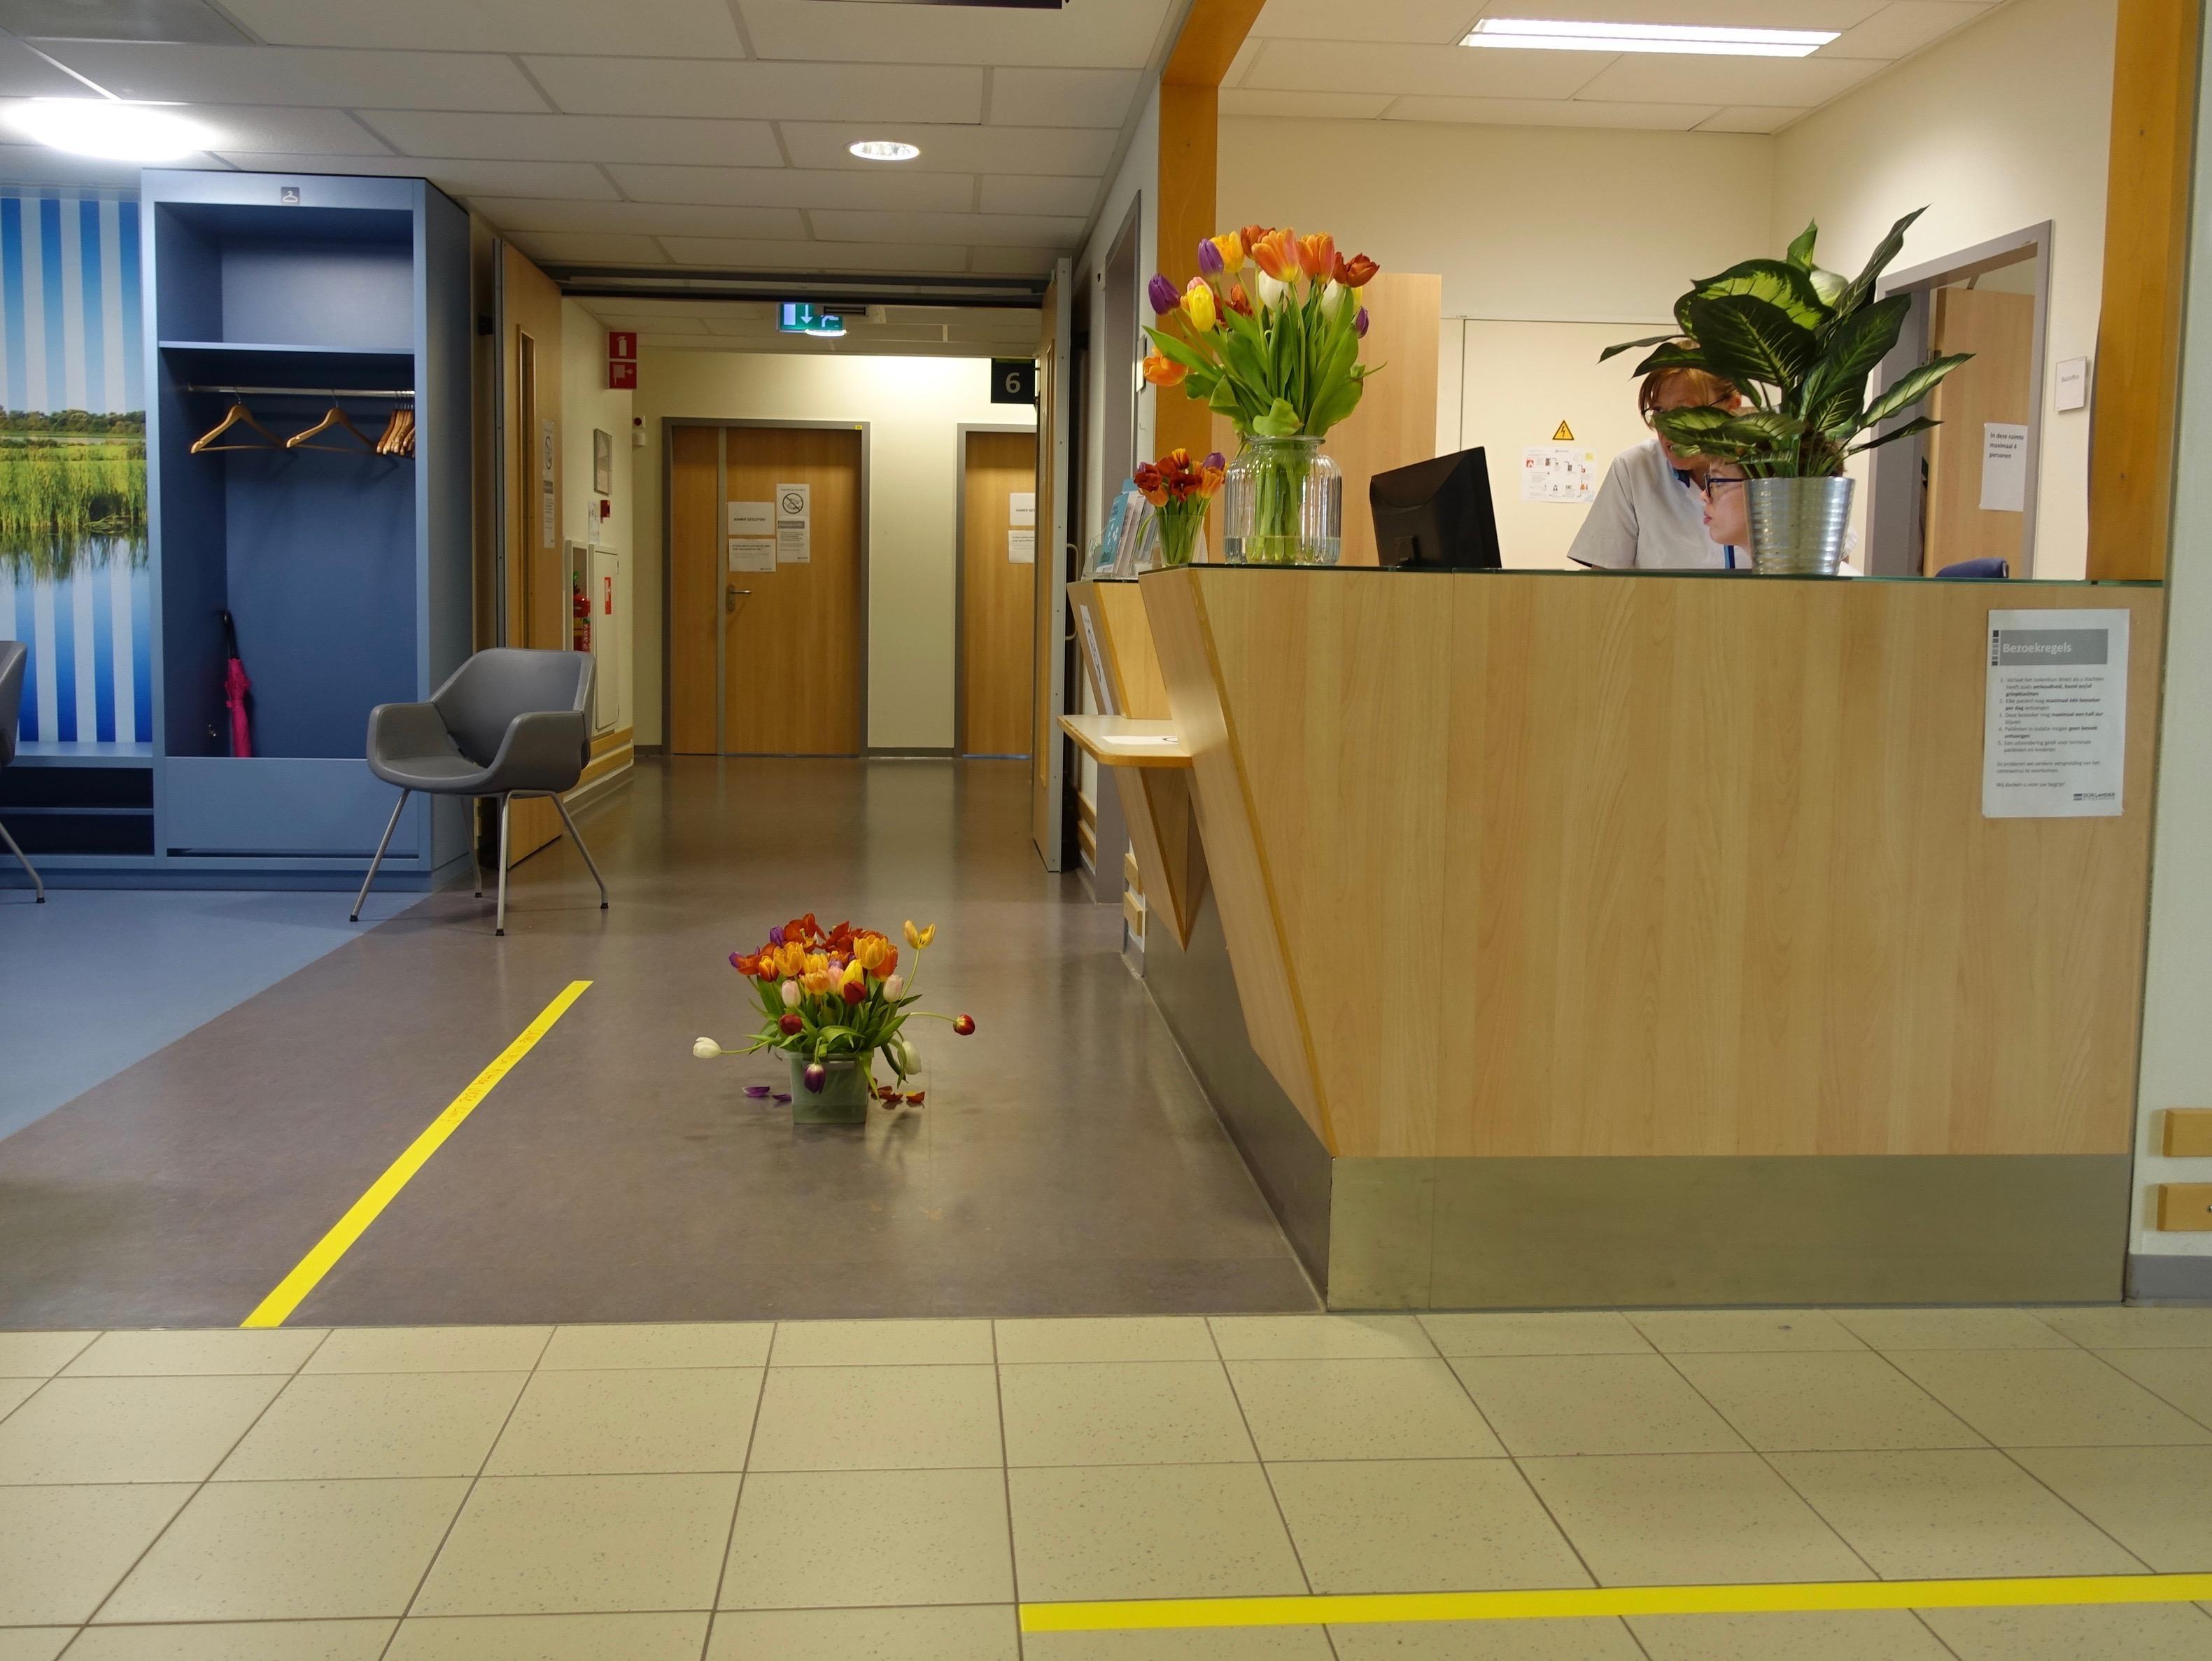 Speciale afdeling in Dijklander Ziekenhuis waar ongeneeslijke coronapatiënten kunnen sterven